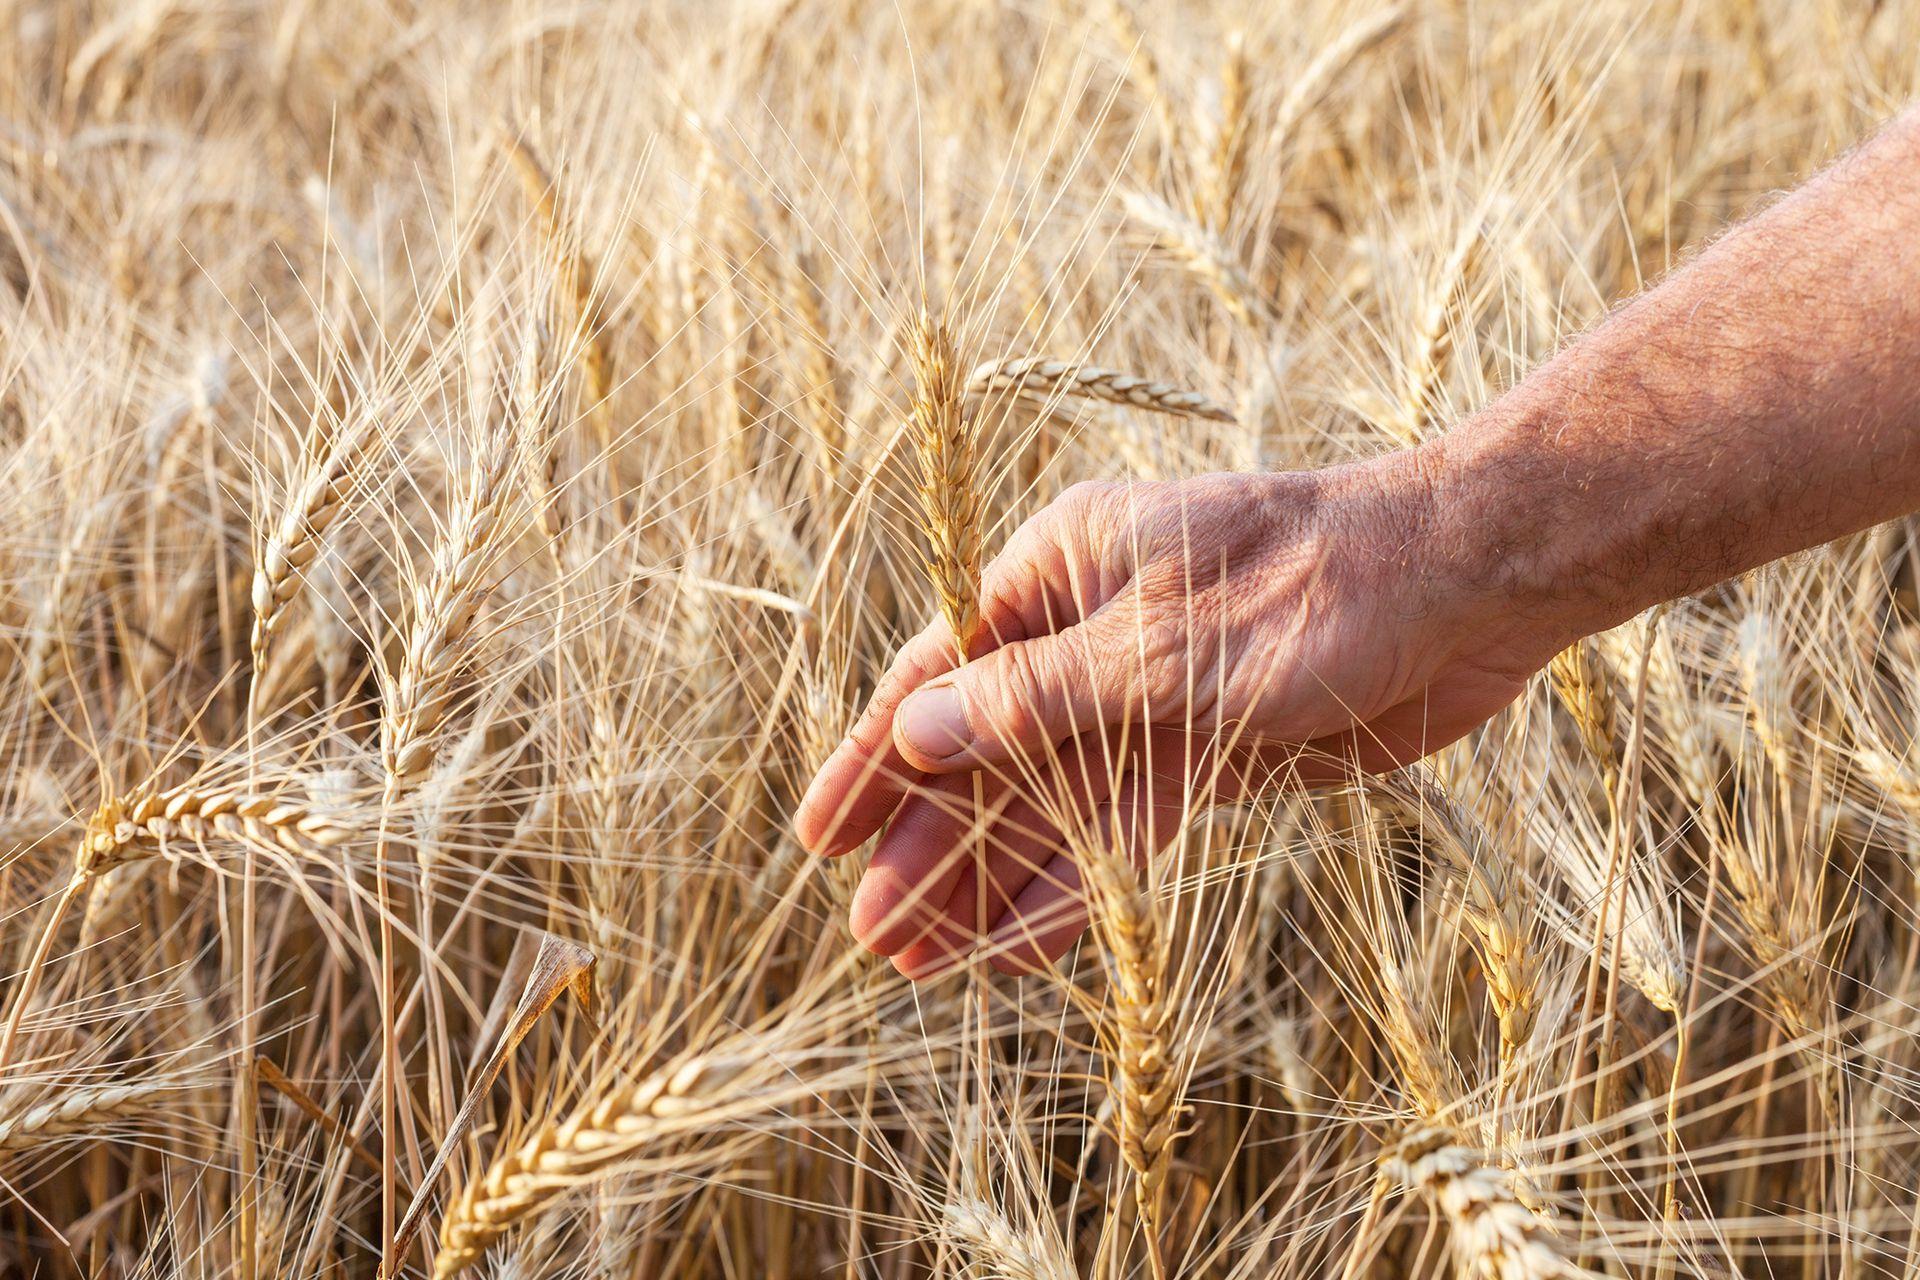 La Argentina exporta unas 12 millones de toneladas de trigo